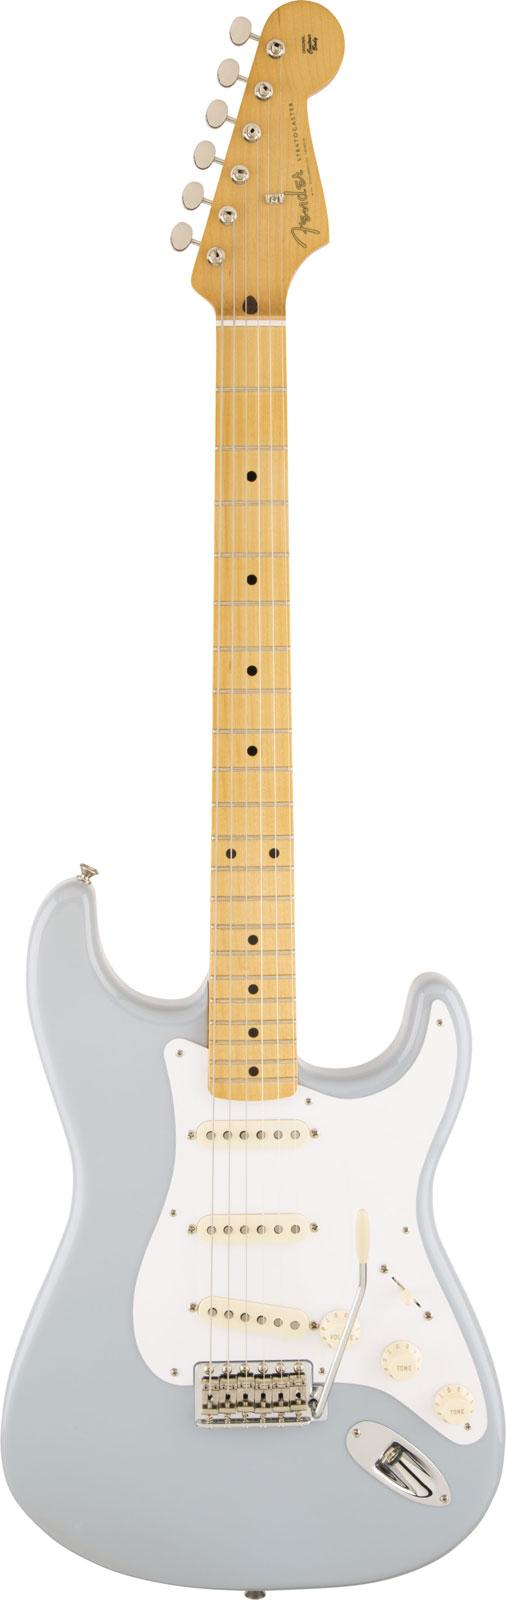 Fender Stratocaster Fsr 50s Jetstream Blue